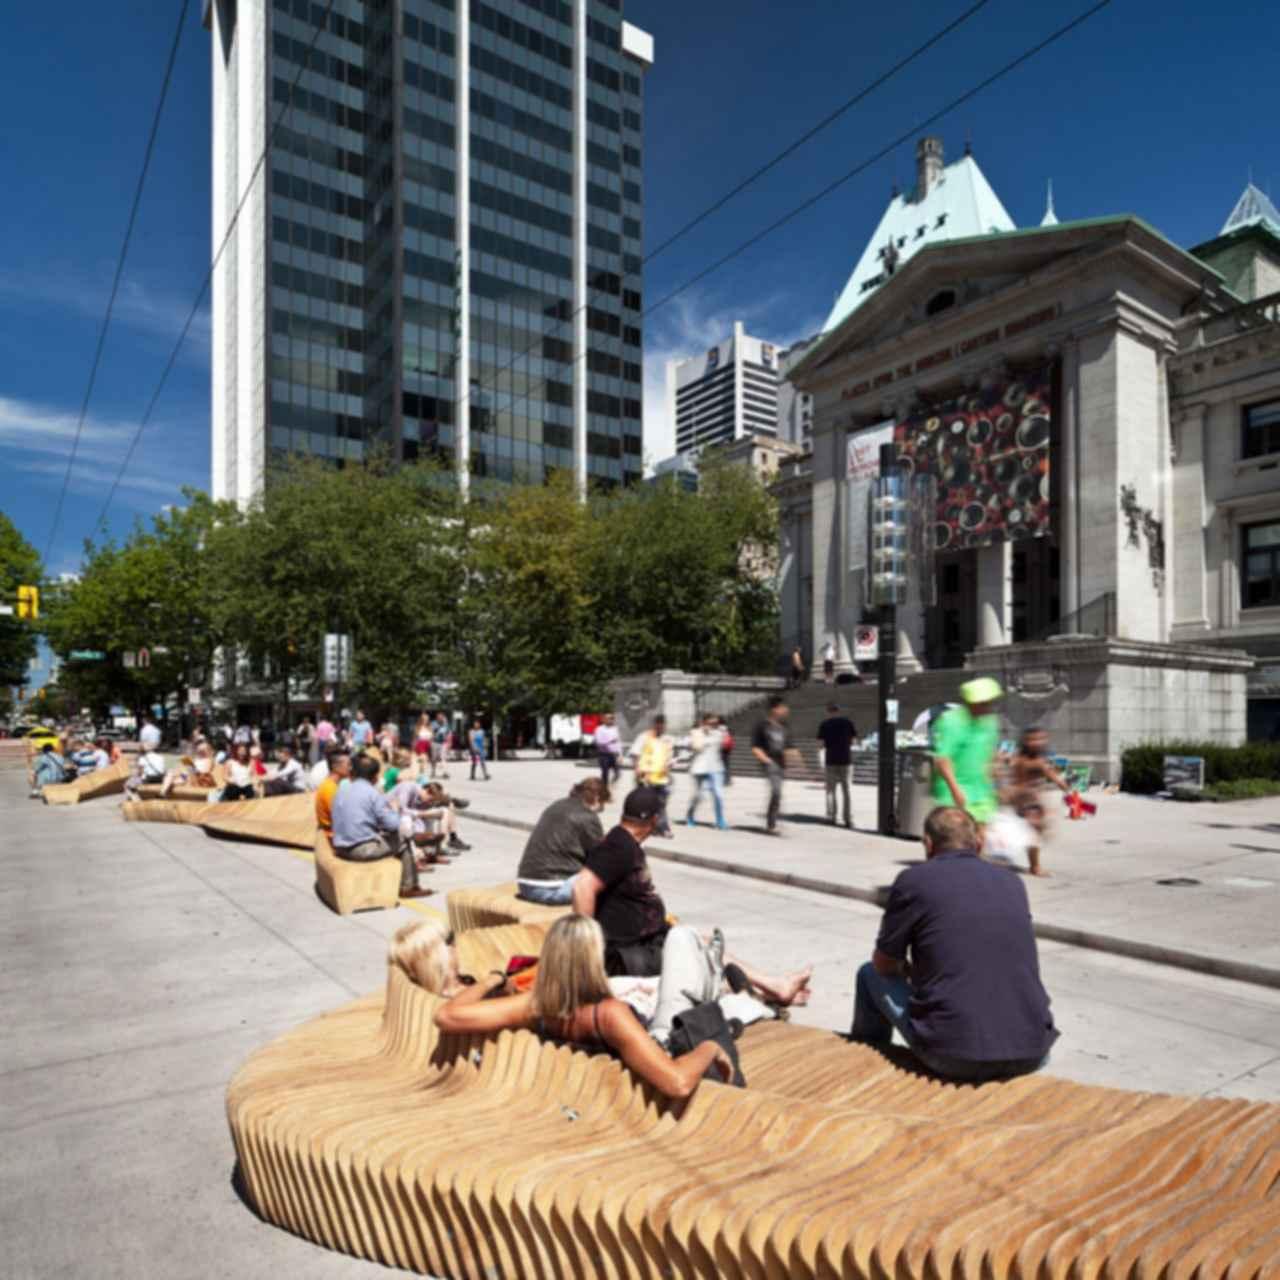 Urban View: Urban Seating